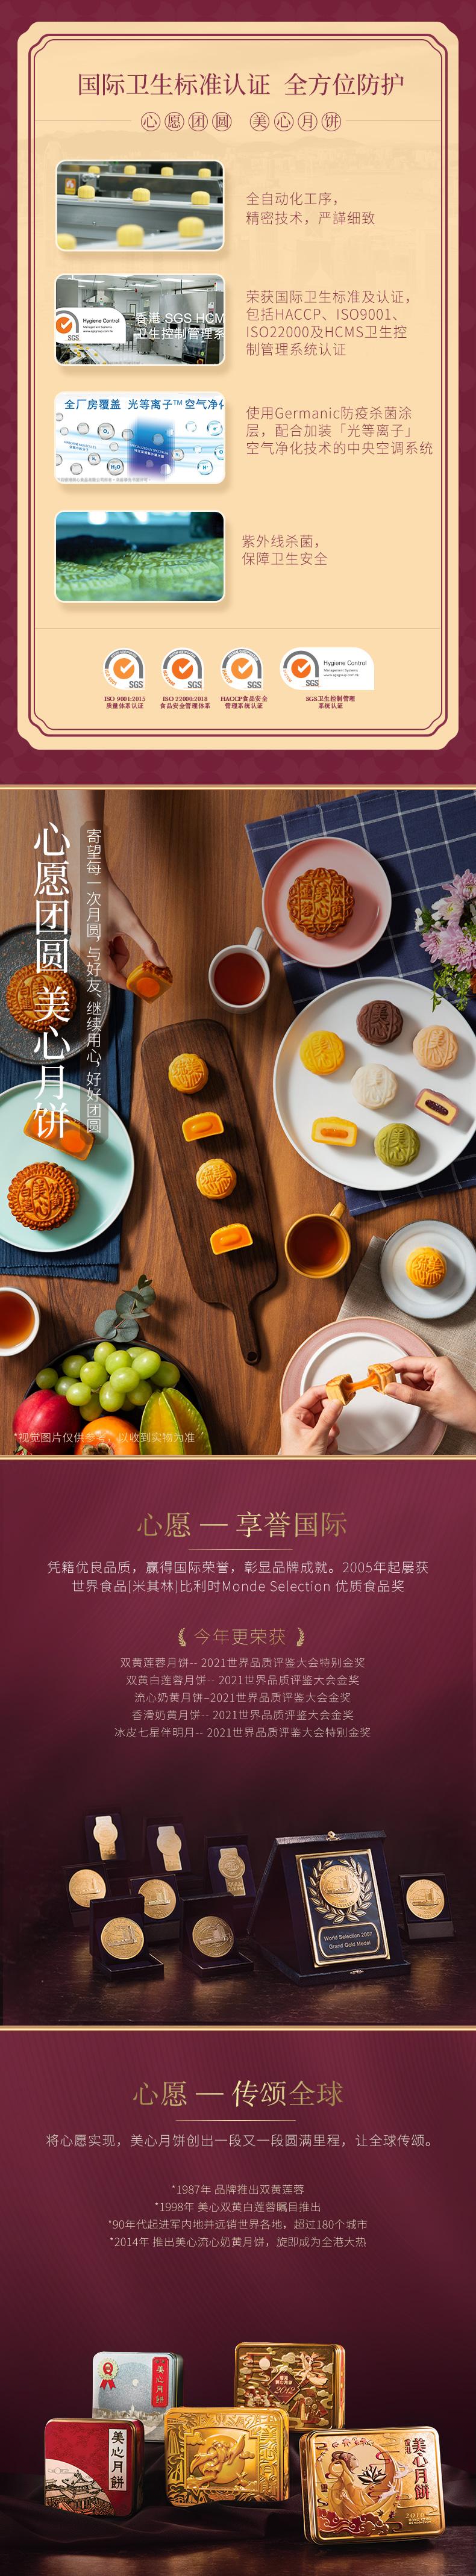 月饼届断货王:4枚x4盒 香港美心 mini冰皮月饼 178元包邮顺丰冷链 买手党-买手聚集的地方